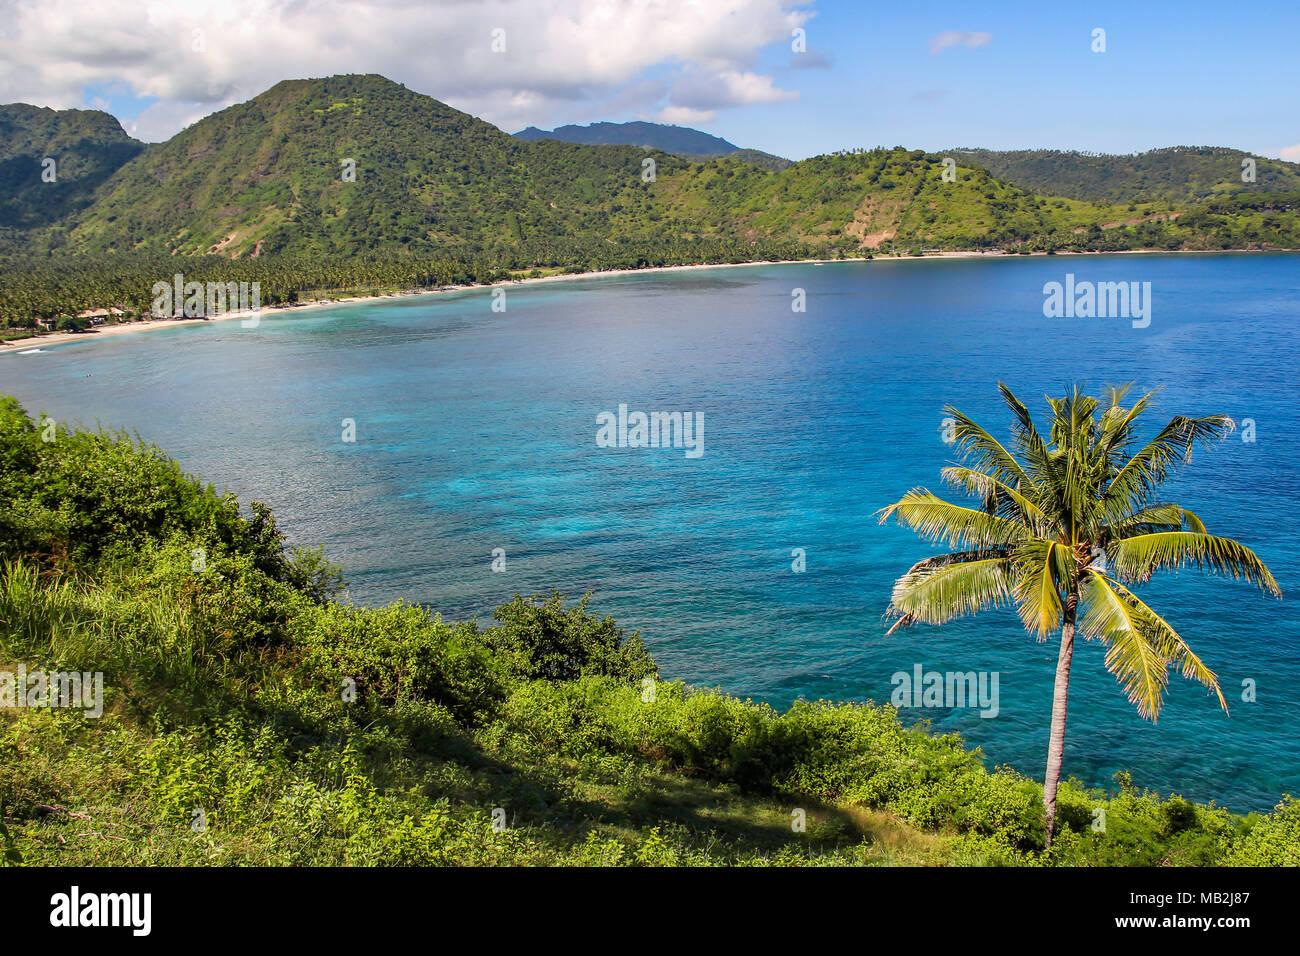 Wunderbare Aussicht in Lombok Strait, Indonesien mit einer isolierten Kokospalme Stockbild